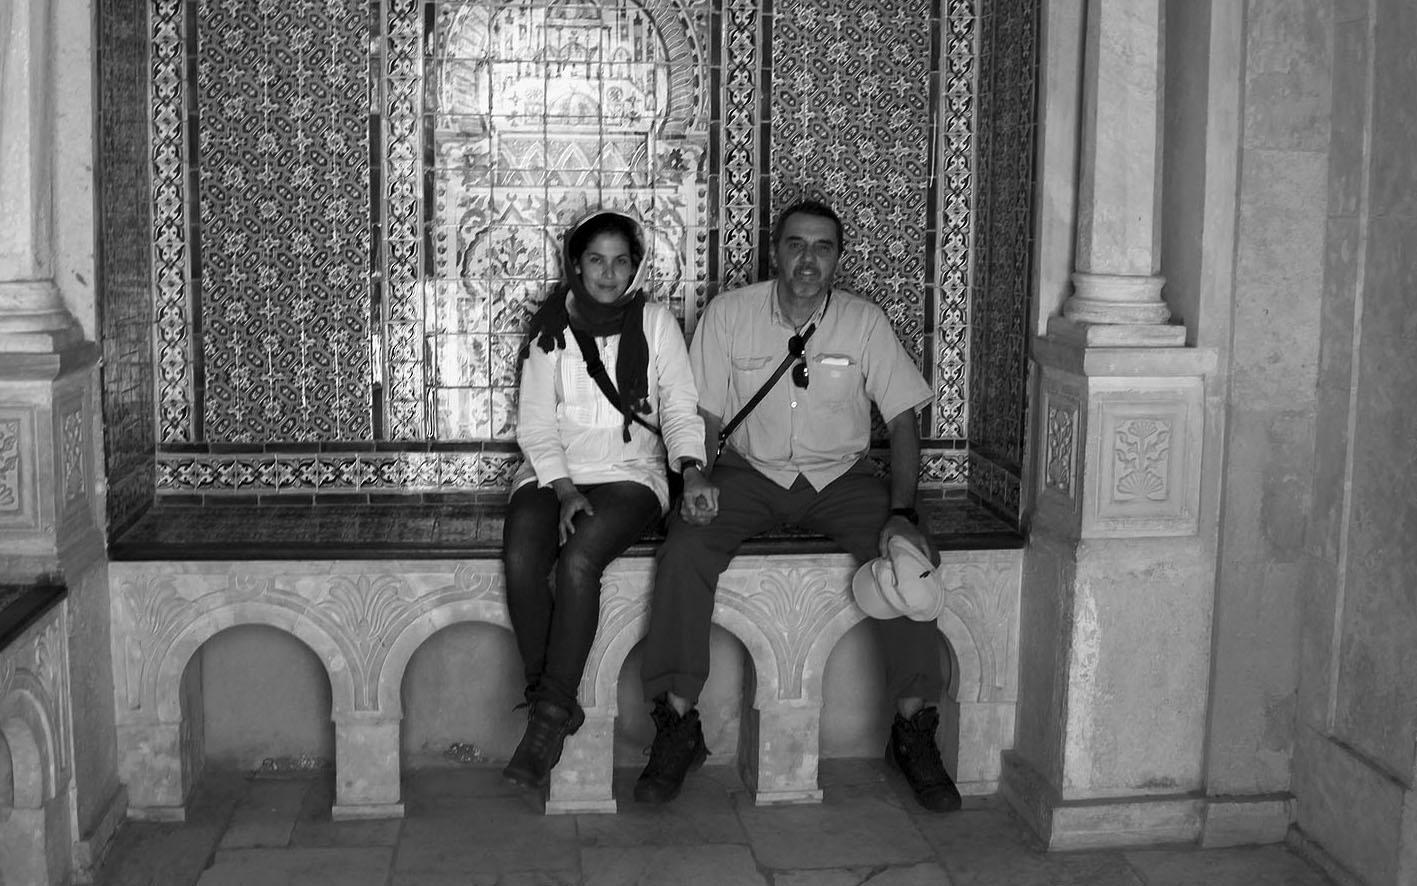 TUNÍSIA - ⵜⵓⵏⴻⵙ - تونس